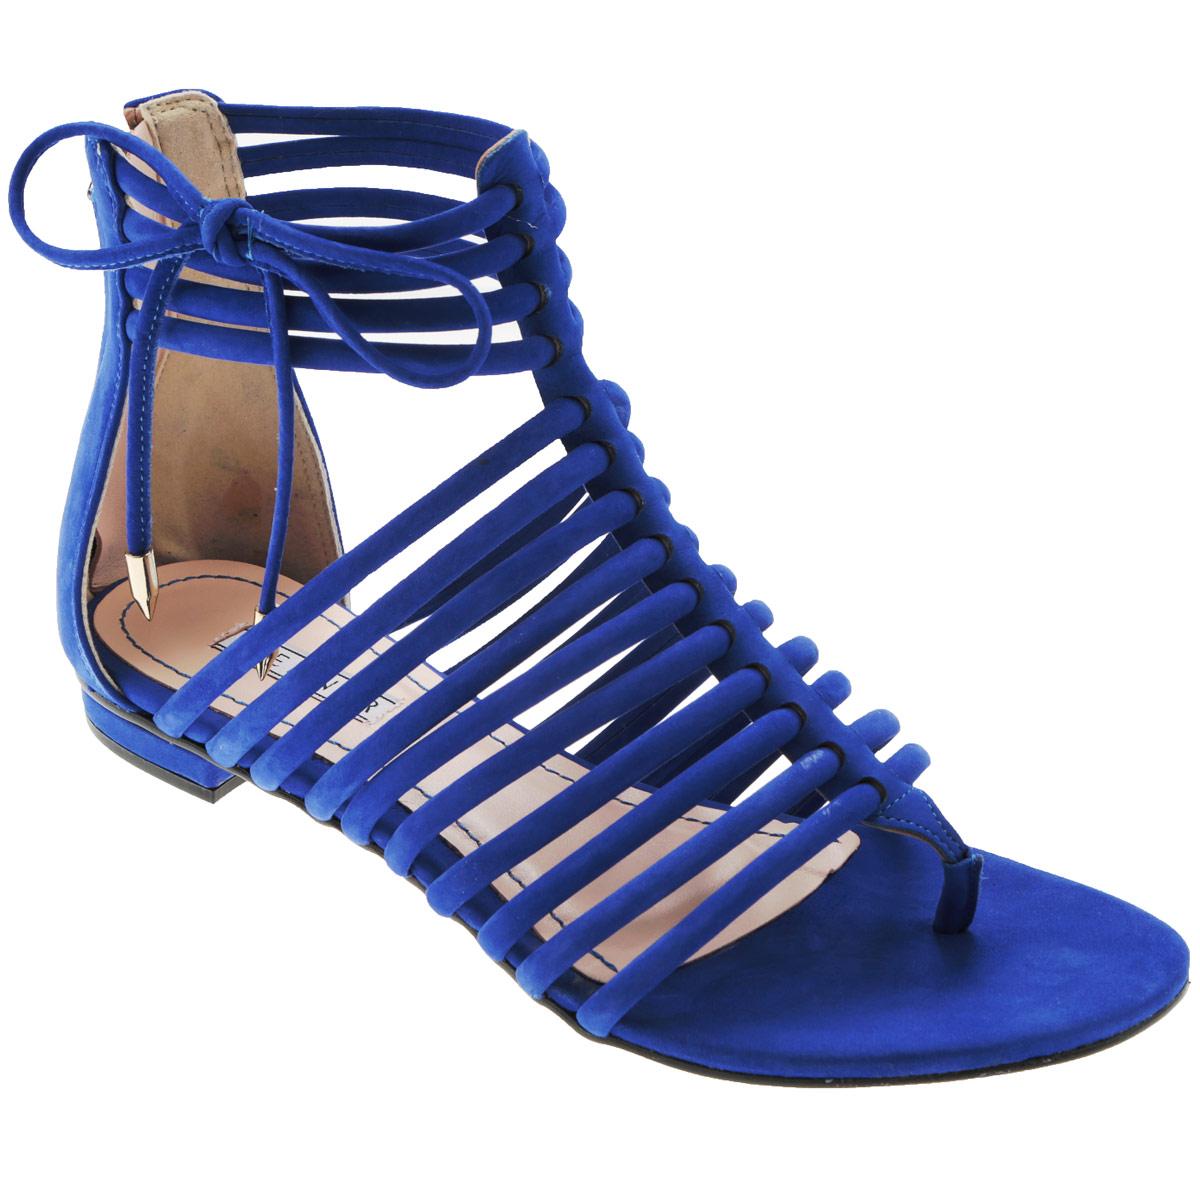 Сандалии женские Werner, цвет: синий. 0-53034. Размер 34 (35)0-53034Стильные сандалии от Werner займут достойное место среди вашей коллекции летней обуви. Модель выполнена из натурального нубука. Стелька из натуральной кожи обеспечивает комфорт при ходьбе.Эргономичная перемычка между пальцами и тонкие ремешки на подъеме и вокруг щиколотки отвечают за надежную фиксацию модели на ноге. Закрытая пятка дополнена удобной застежкой-молнией. Декорировано изделие бантиком из нубука с металлическими наконечниками Подошва выполнена из прочного полимера с противоскользящим рифлением.Модные сандалии прекрасно дополнят любой из ваших образов.